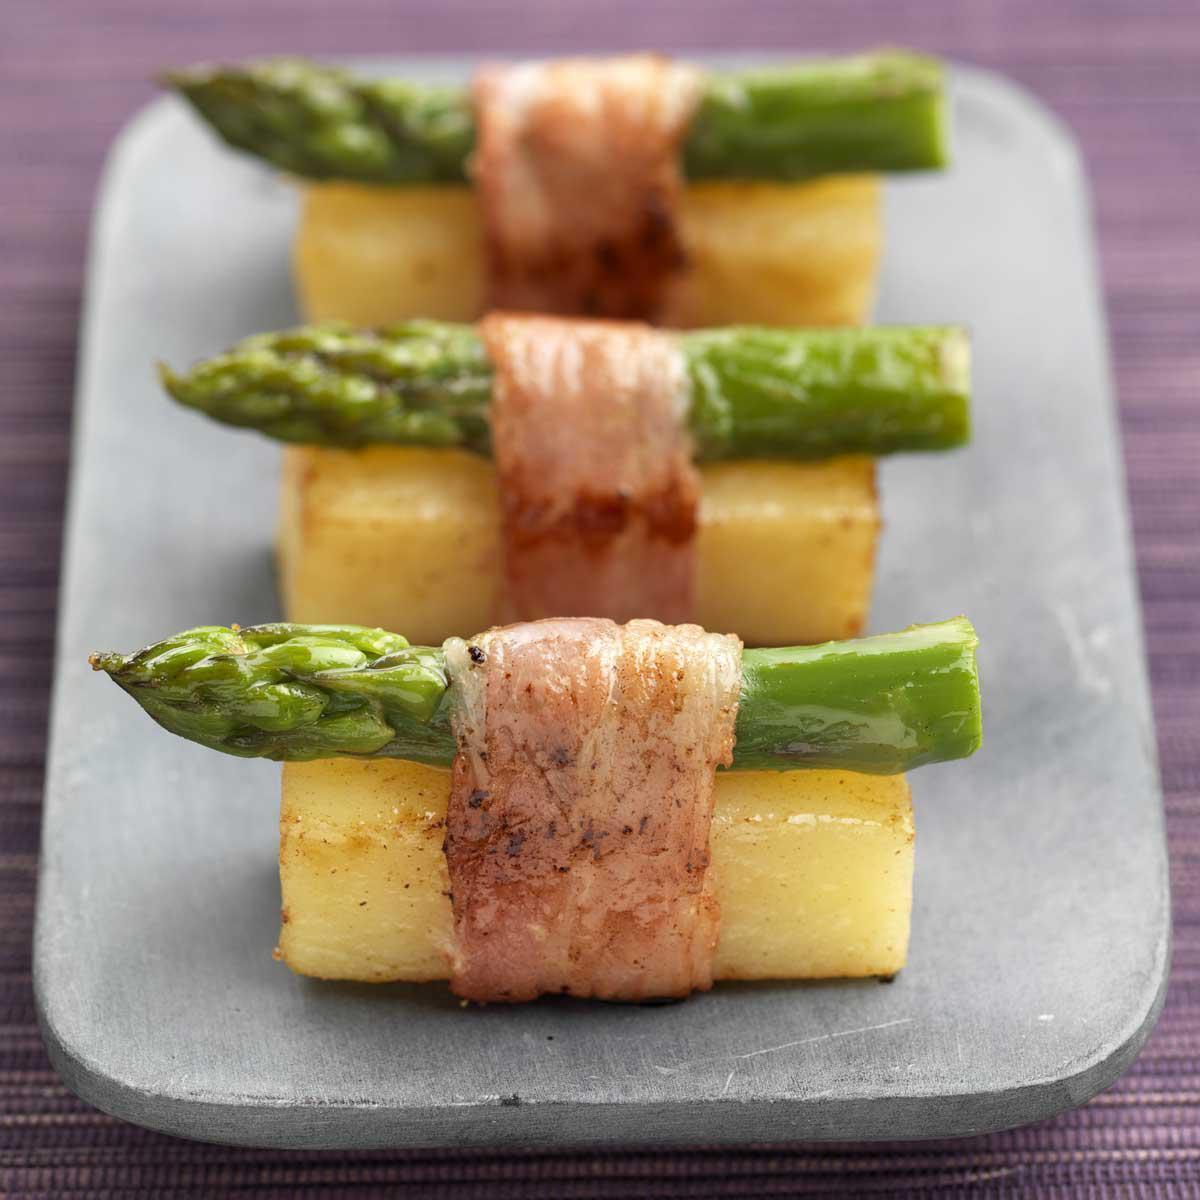 Pommes duchesses r sti ou tatin les meilleurs accompagnements base de pomme de terre - Accompagnement barbecue pomme terre ...